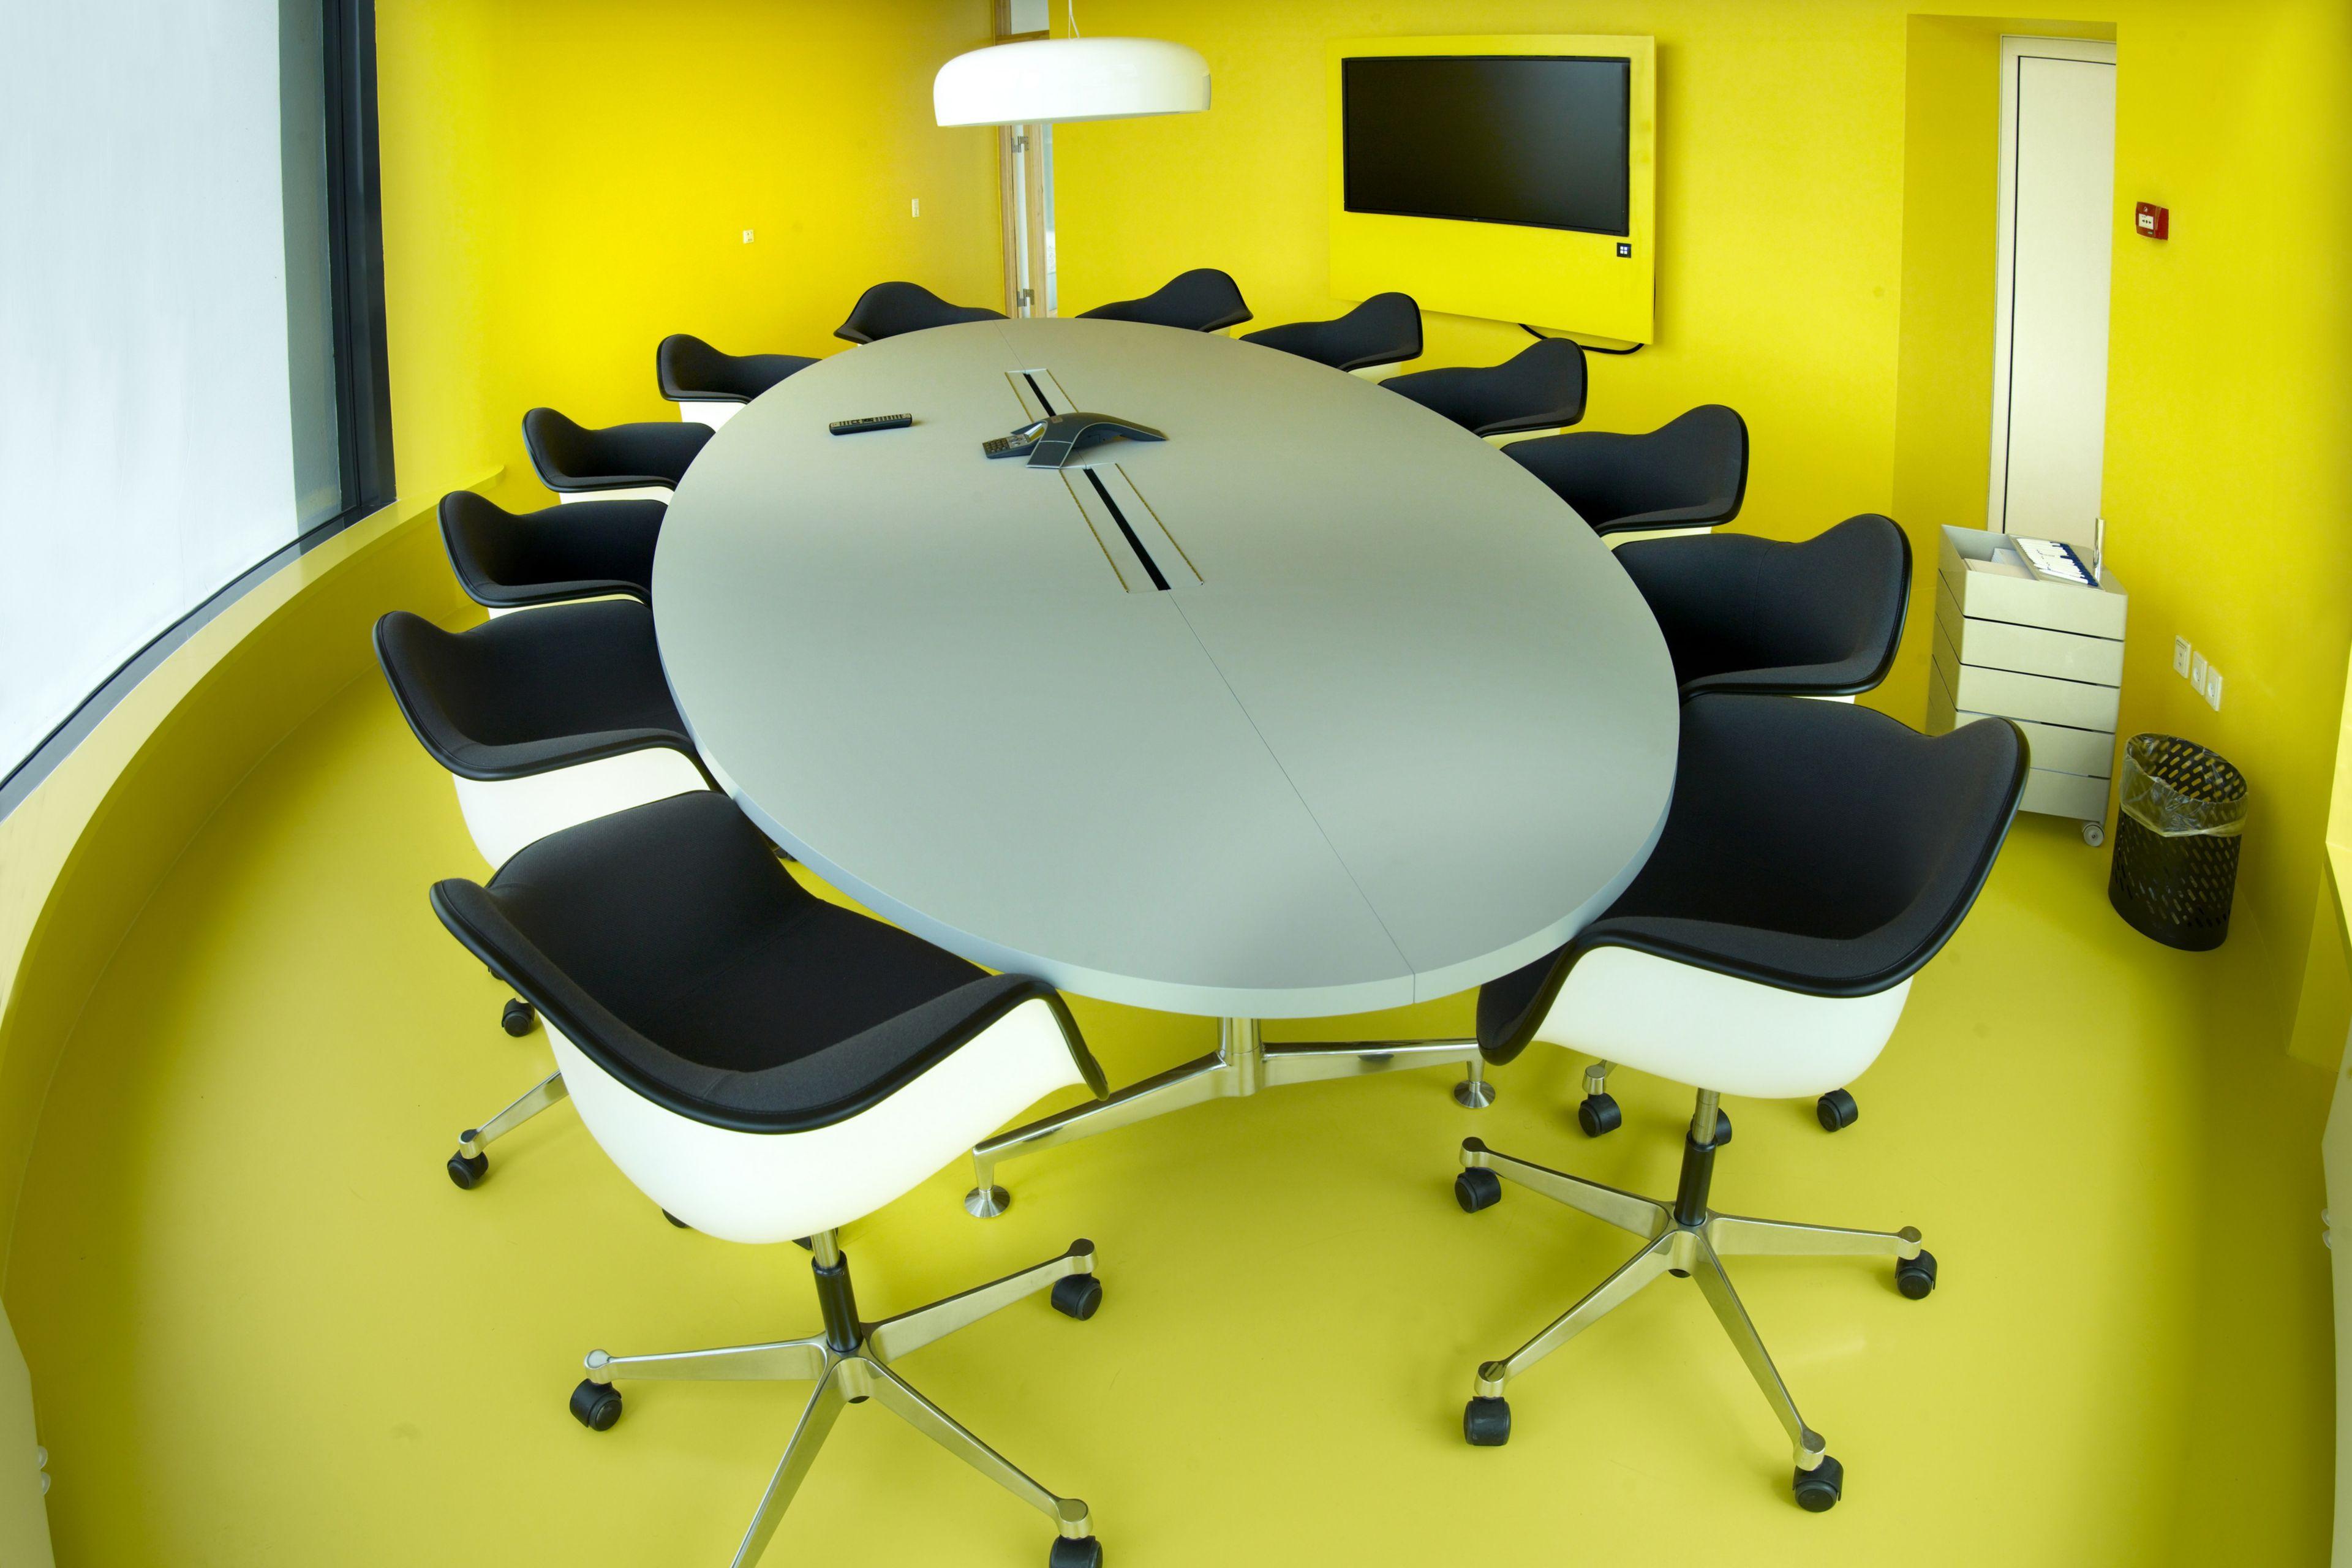 Decorative yellow floor in office meeting room